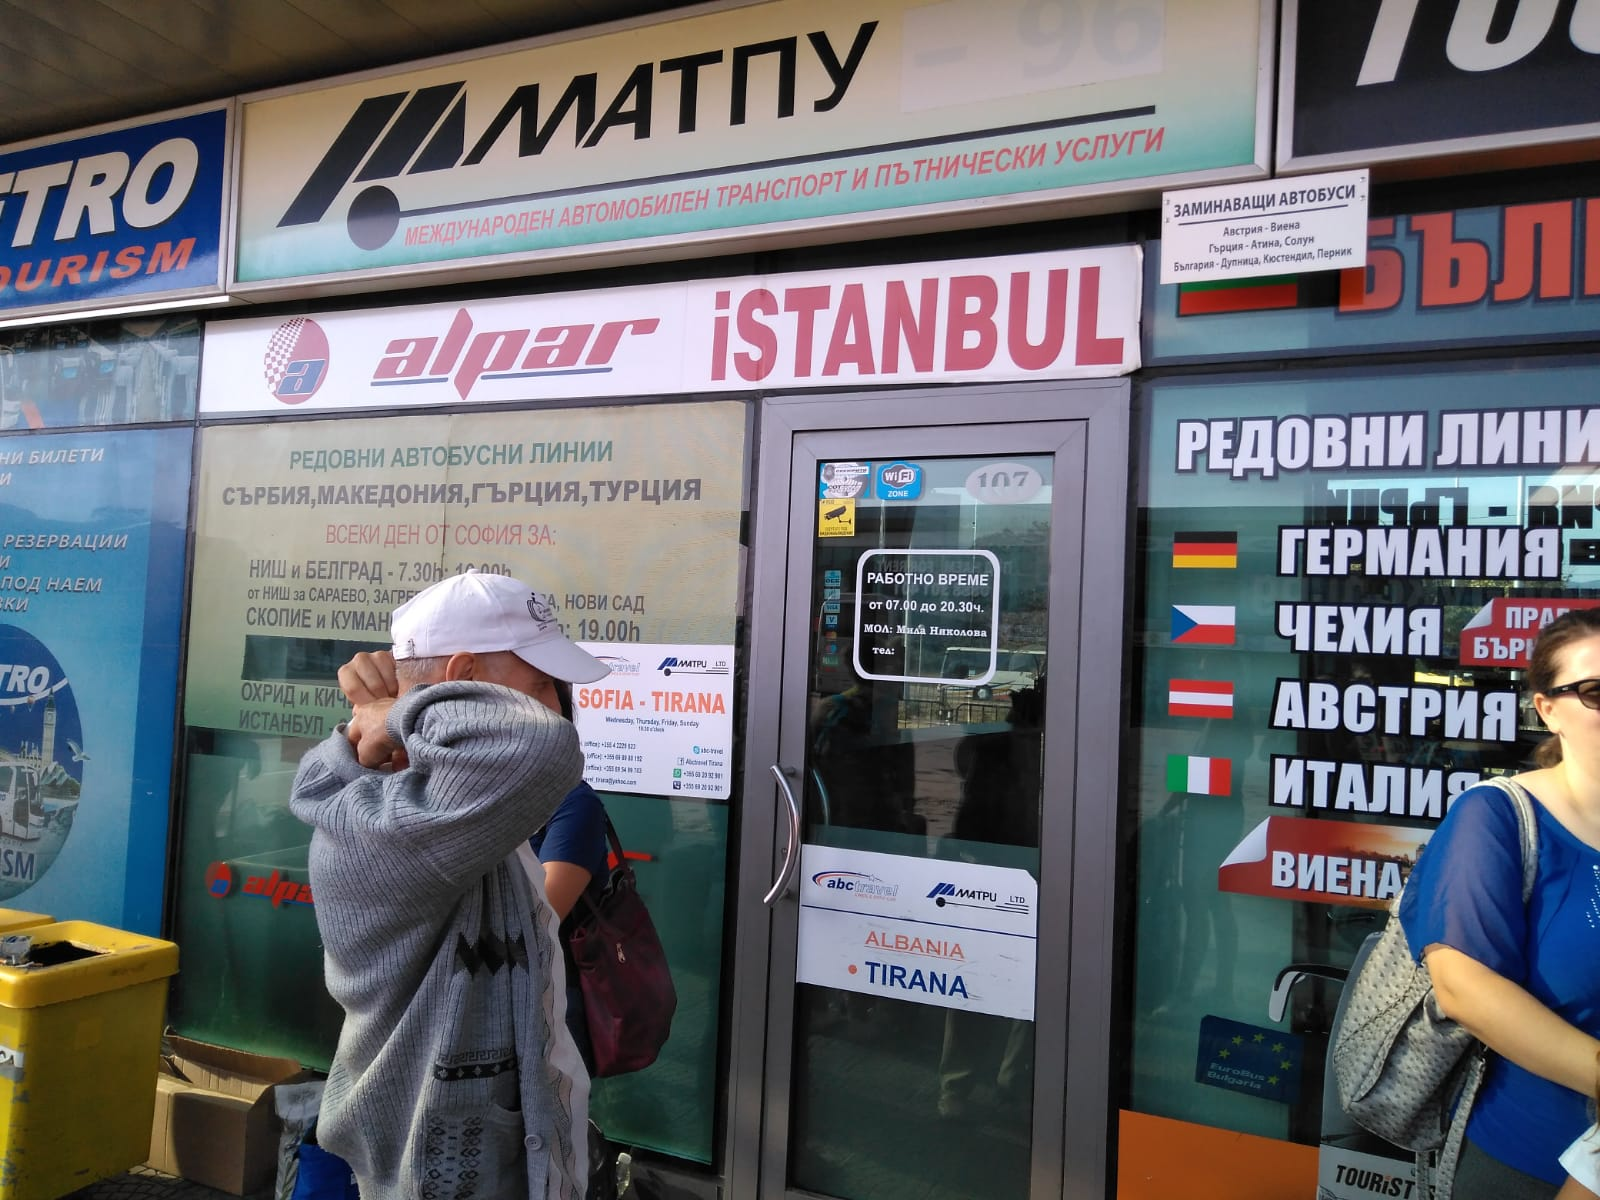 Agencia de viajes de Matpu, en la estación de autobuses de Sofía